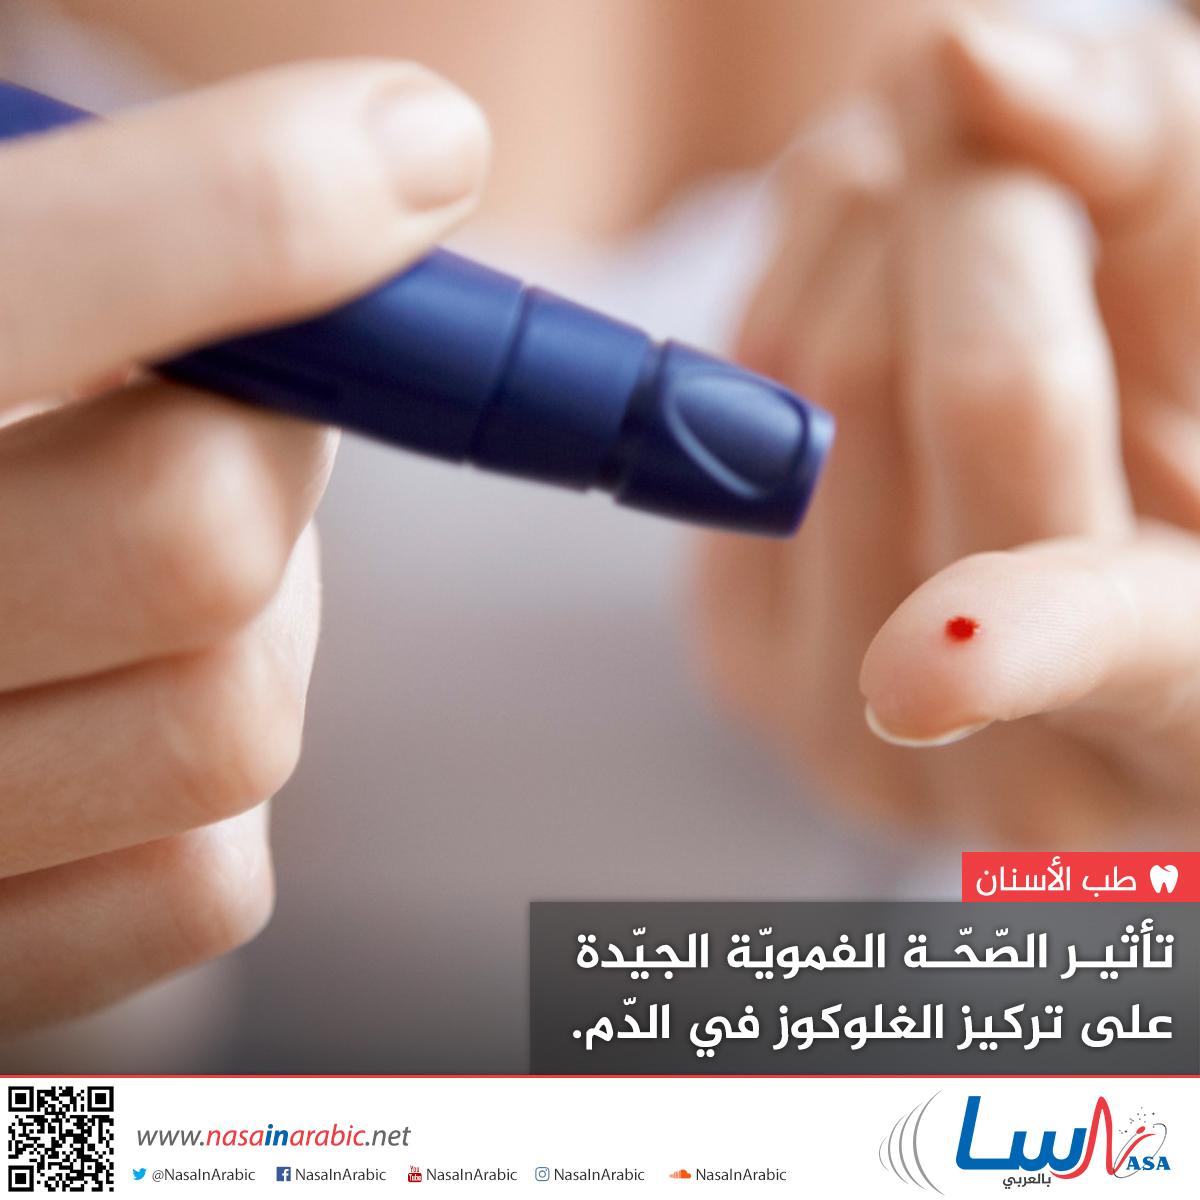 تأثير الصحة الفموية الجيدة على تركيز الغلوكوز في الدم